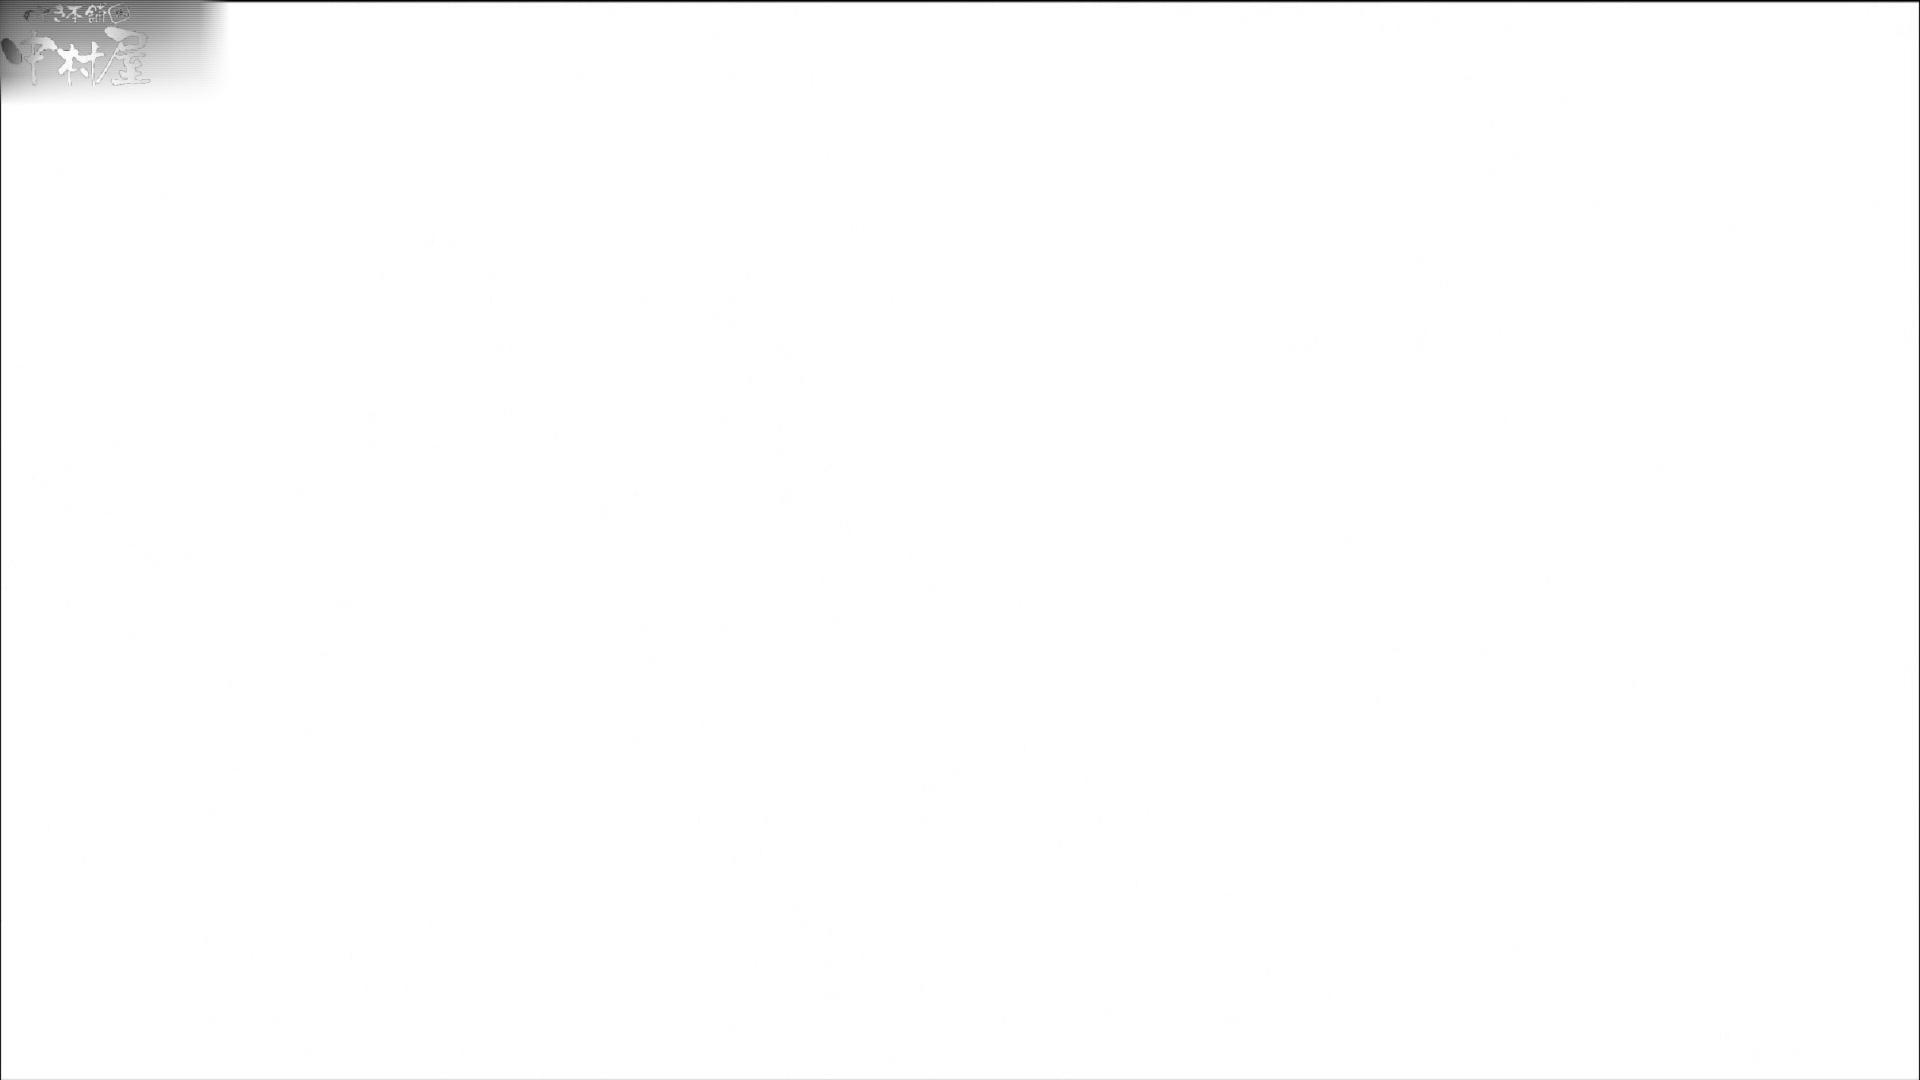 お市さんの「お尻丸出しジャンボリー」No.08 排泄 ワレメ動画紹介 97枚 30